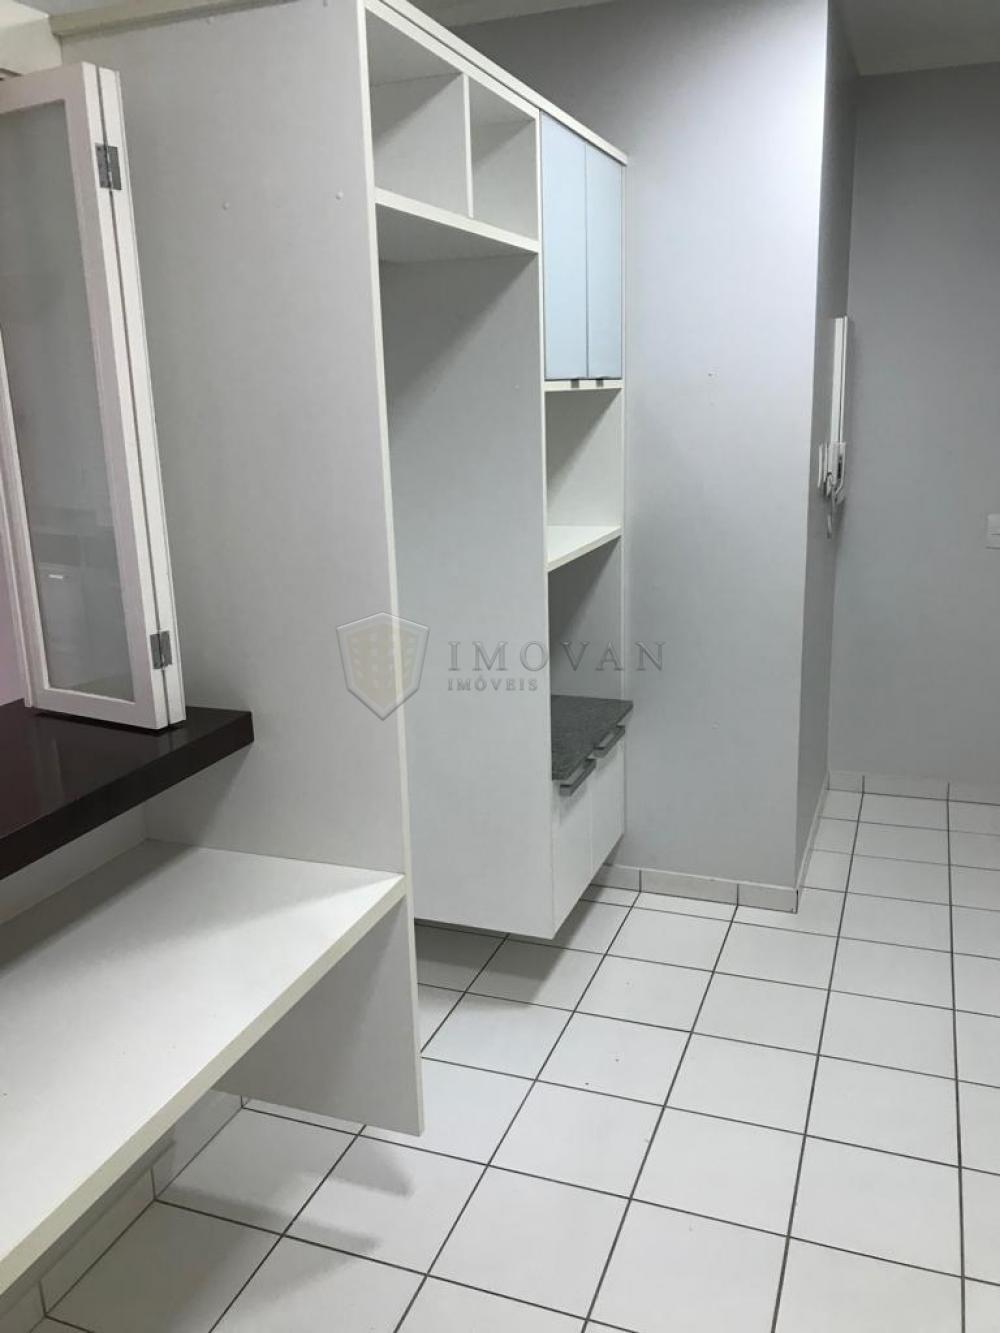 Alugar Apartamento / Padrão em Ribeirão Preto apenas R$ 2.700,00 - Foto 21